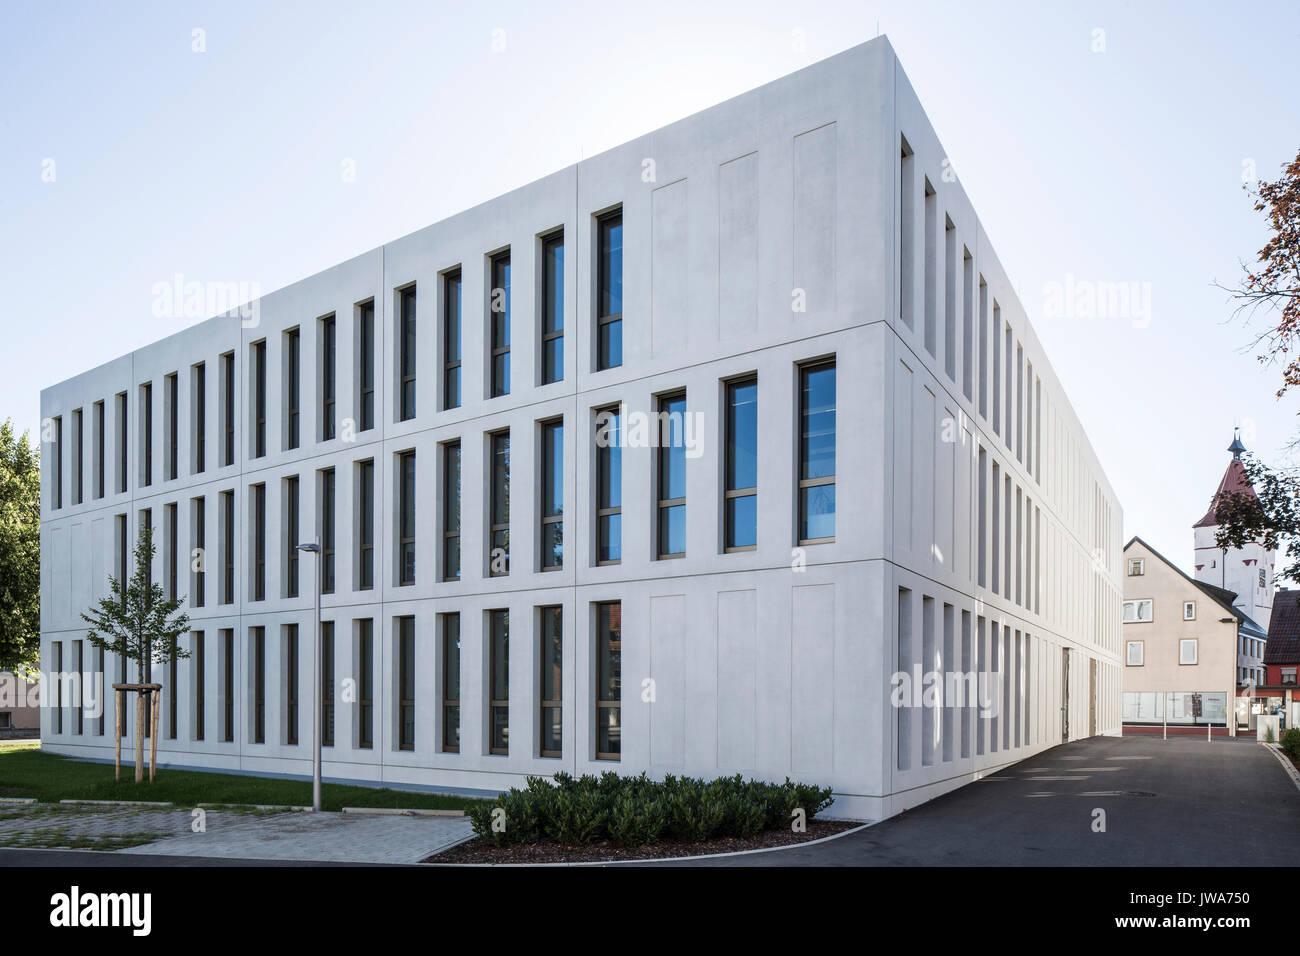 Architekten Biberach corner elevation from south finanzamt finance office stock